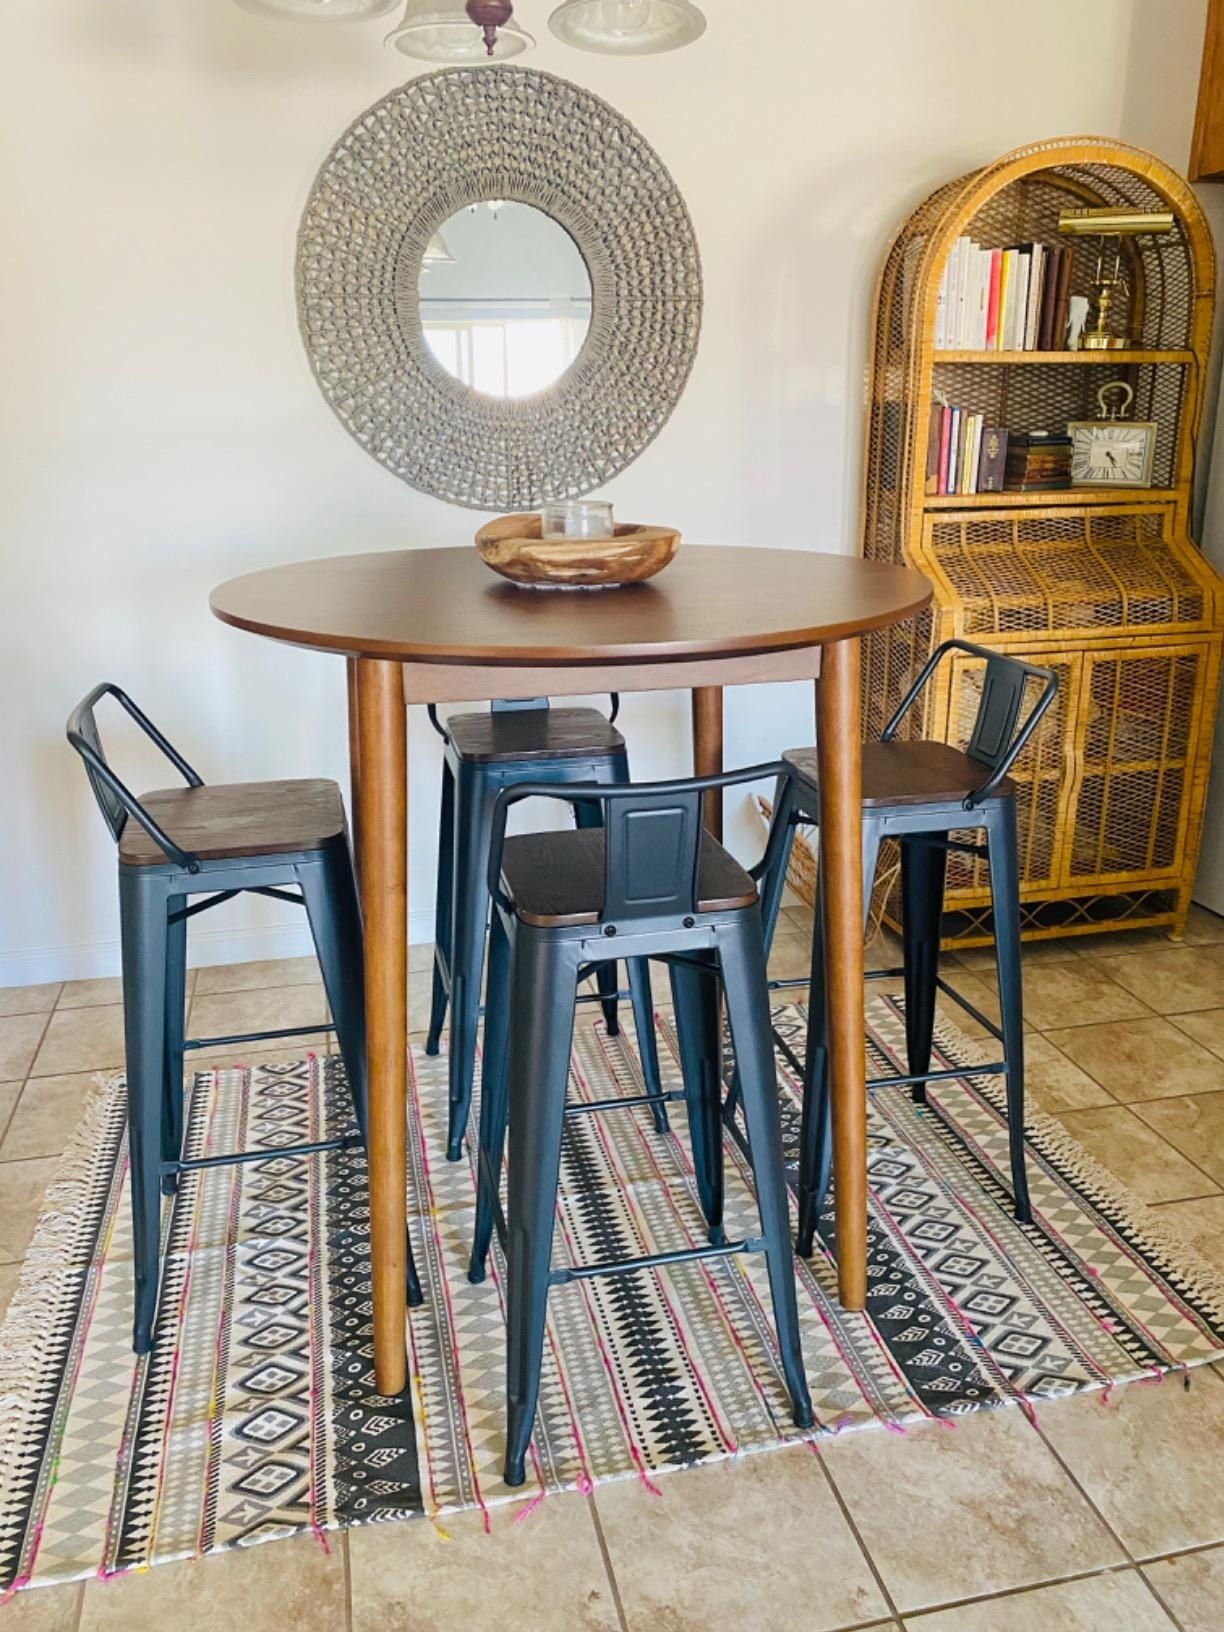 杆用金属框架凳,背部围绕圆形桌子